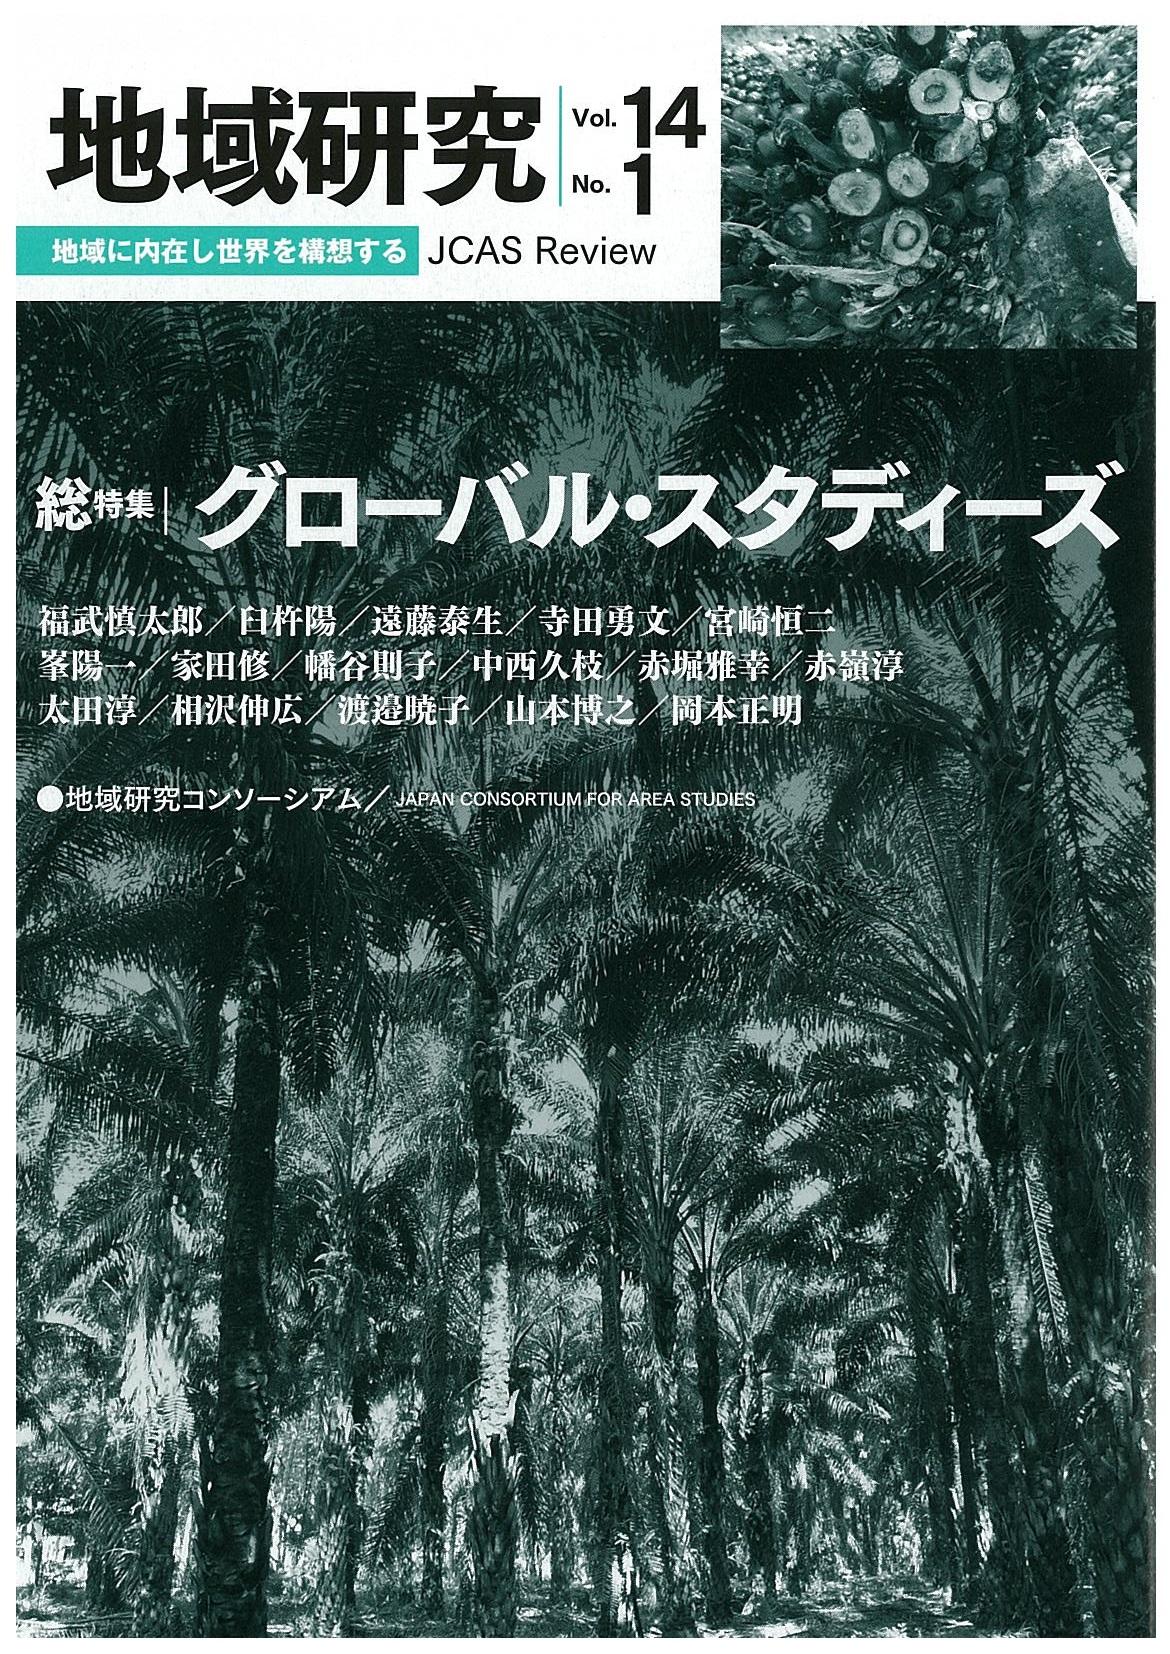 『地域研究』(Vol.14 No.1)